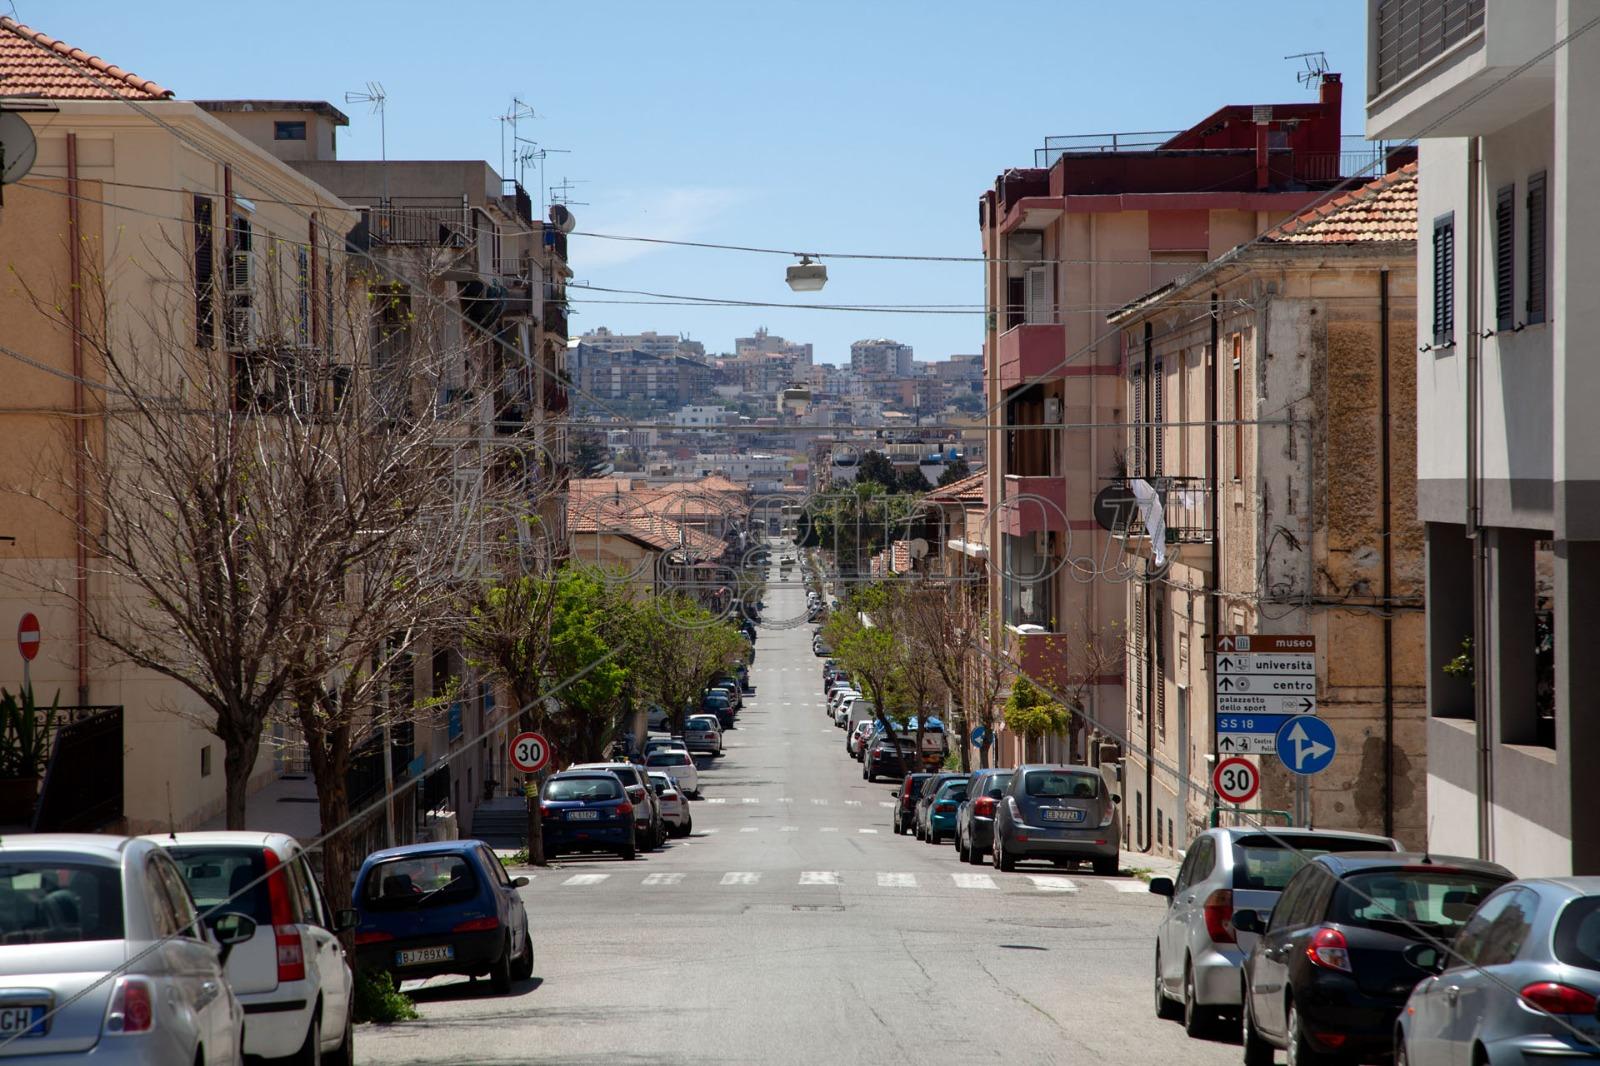 Reggio trascorre la seconda Pasqua in lockdown tra politica sospesa e incertezza per il futuro